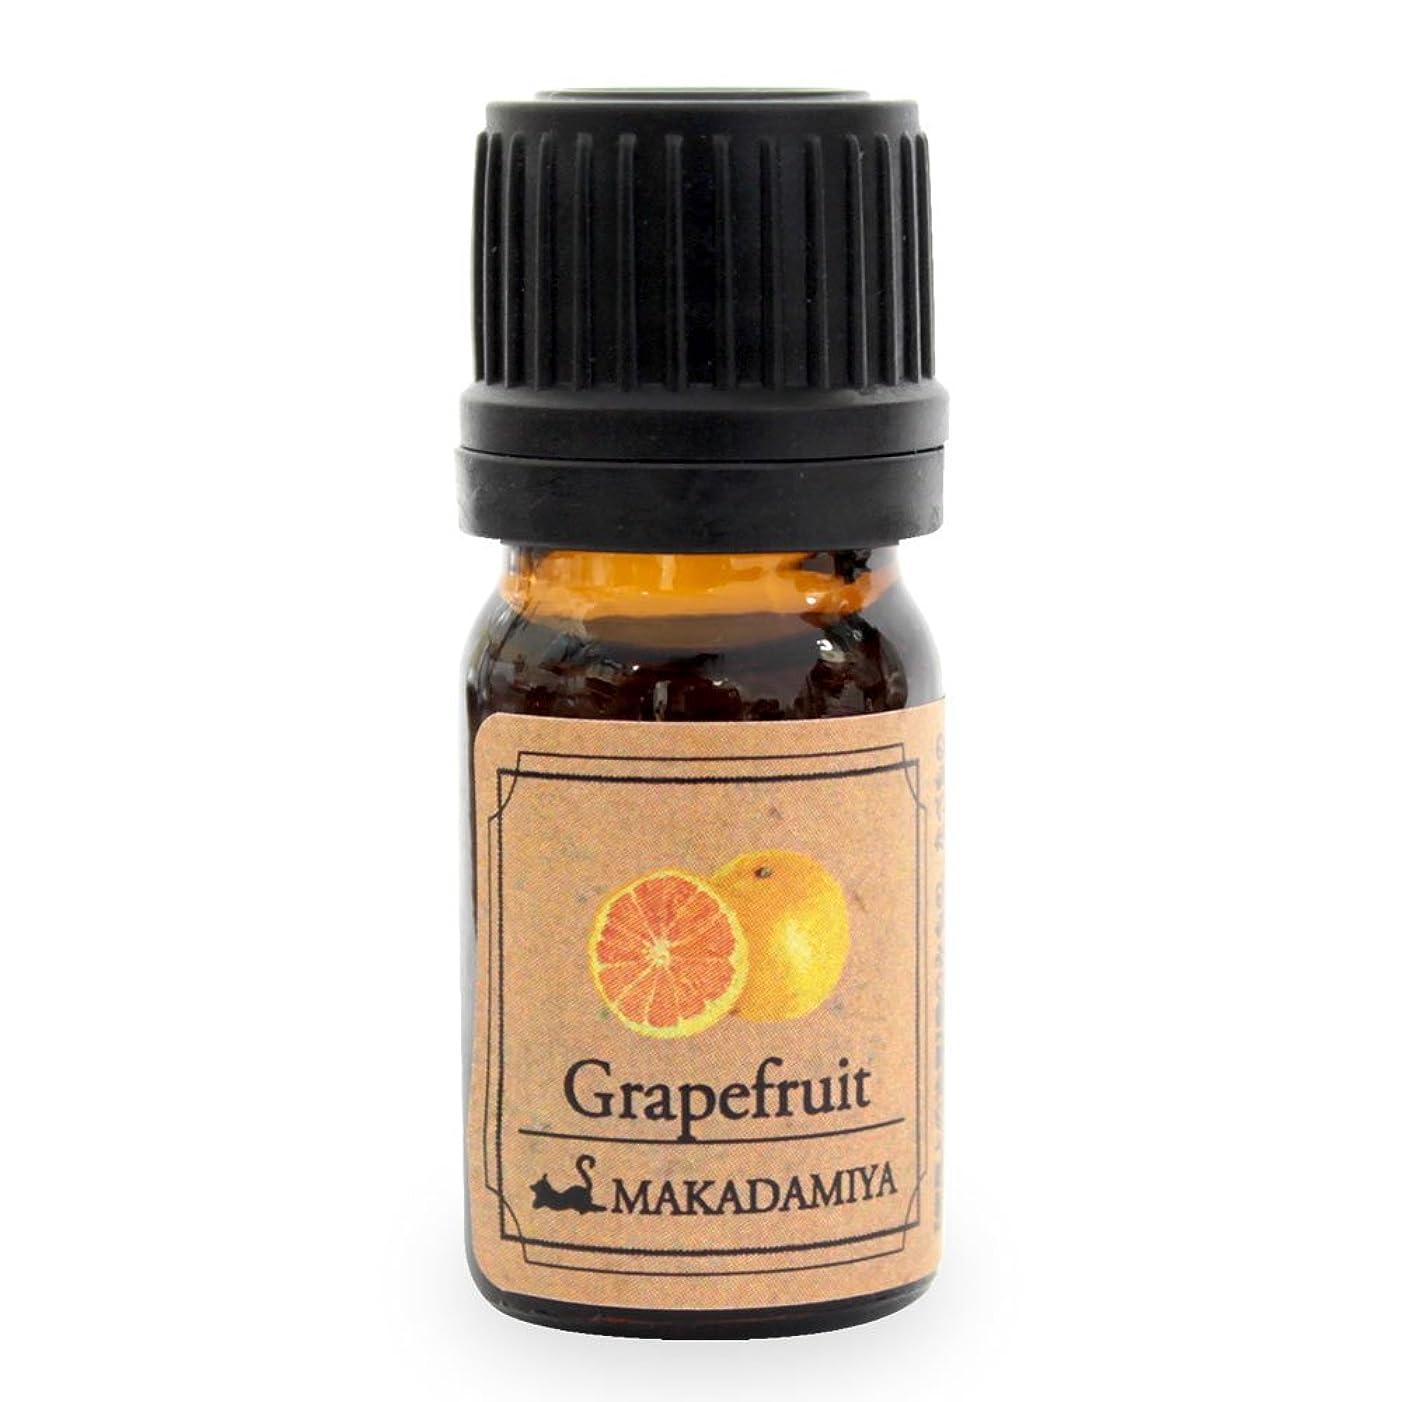 誤解させる見かけ上推測するグレープフルーツ5ml 天然100%植物性 エッセンシャルオイル(精油) アロマオイル アロママッサージ aroma Grapefruit